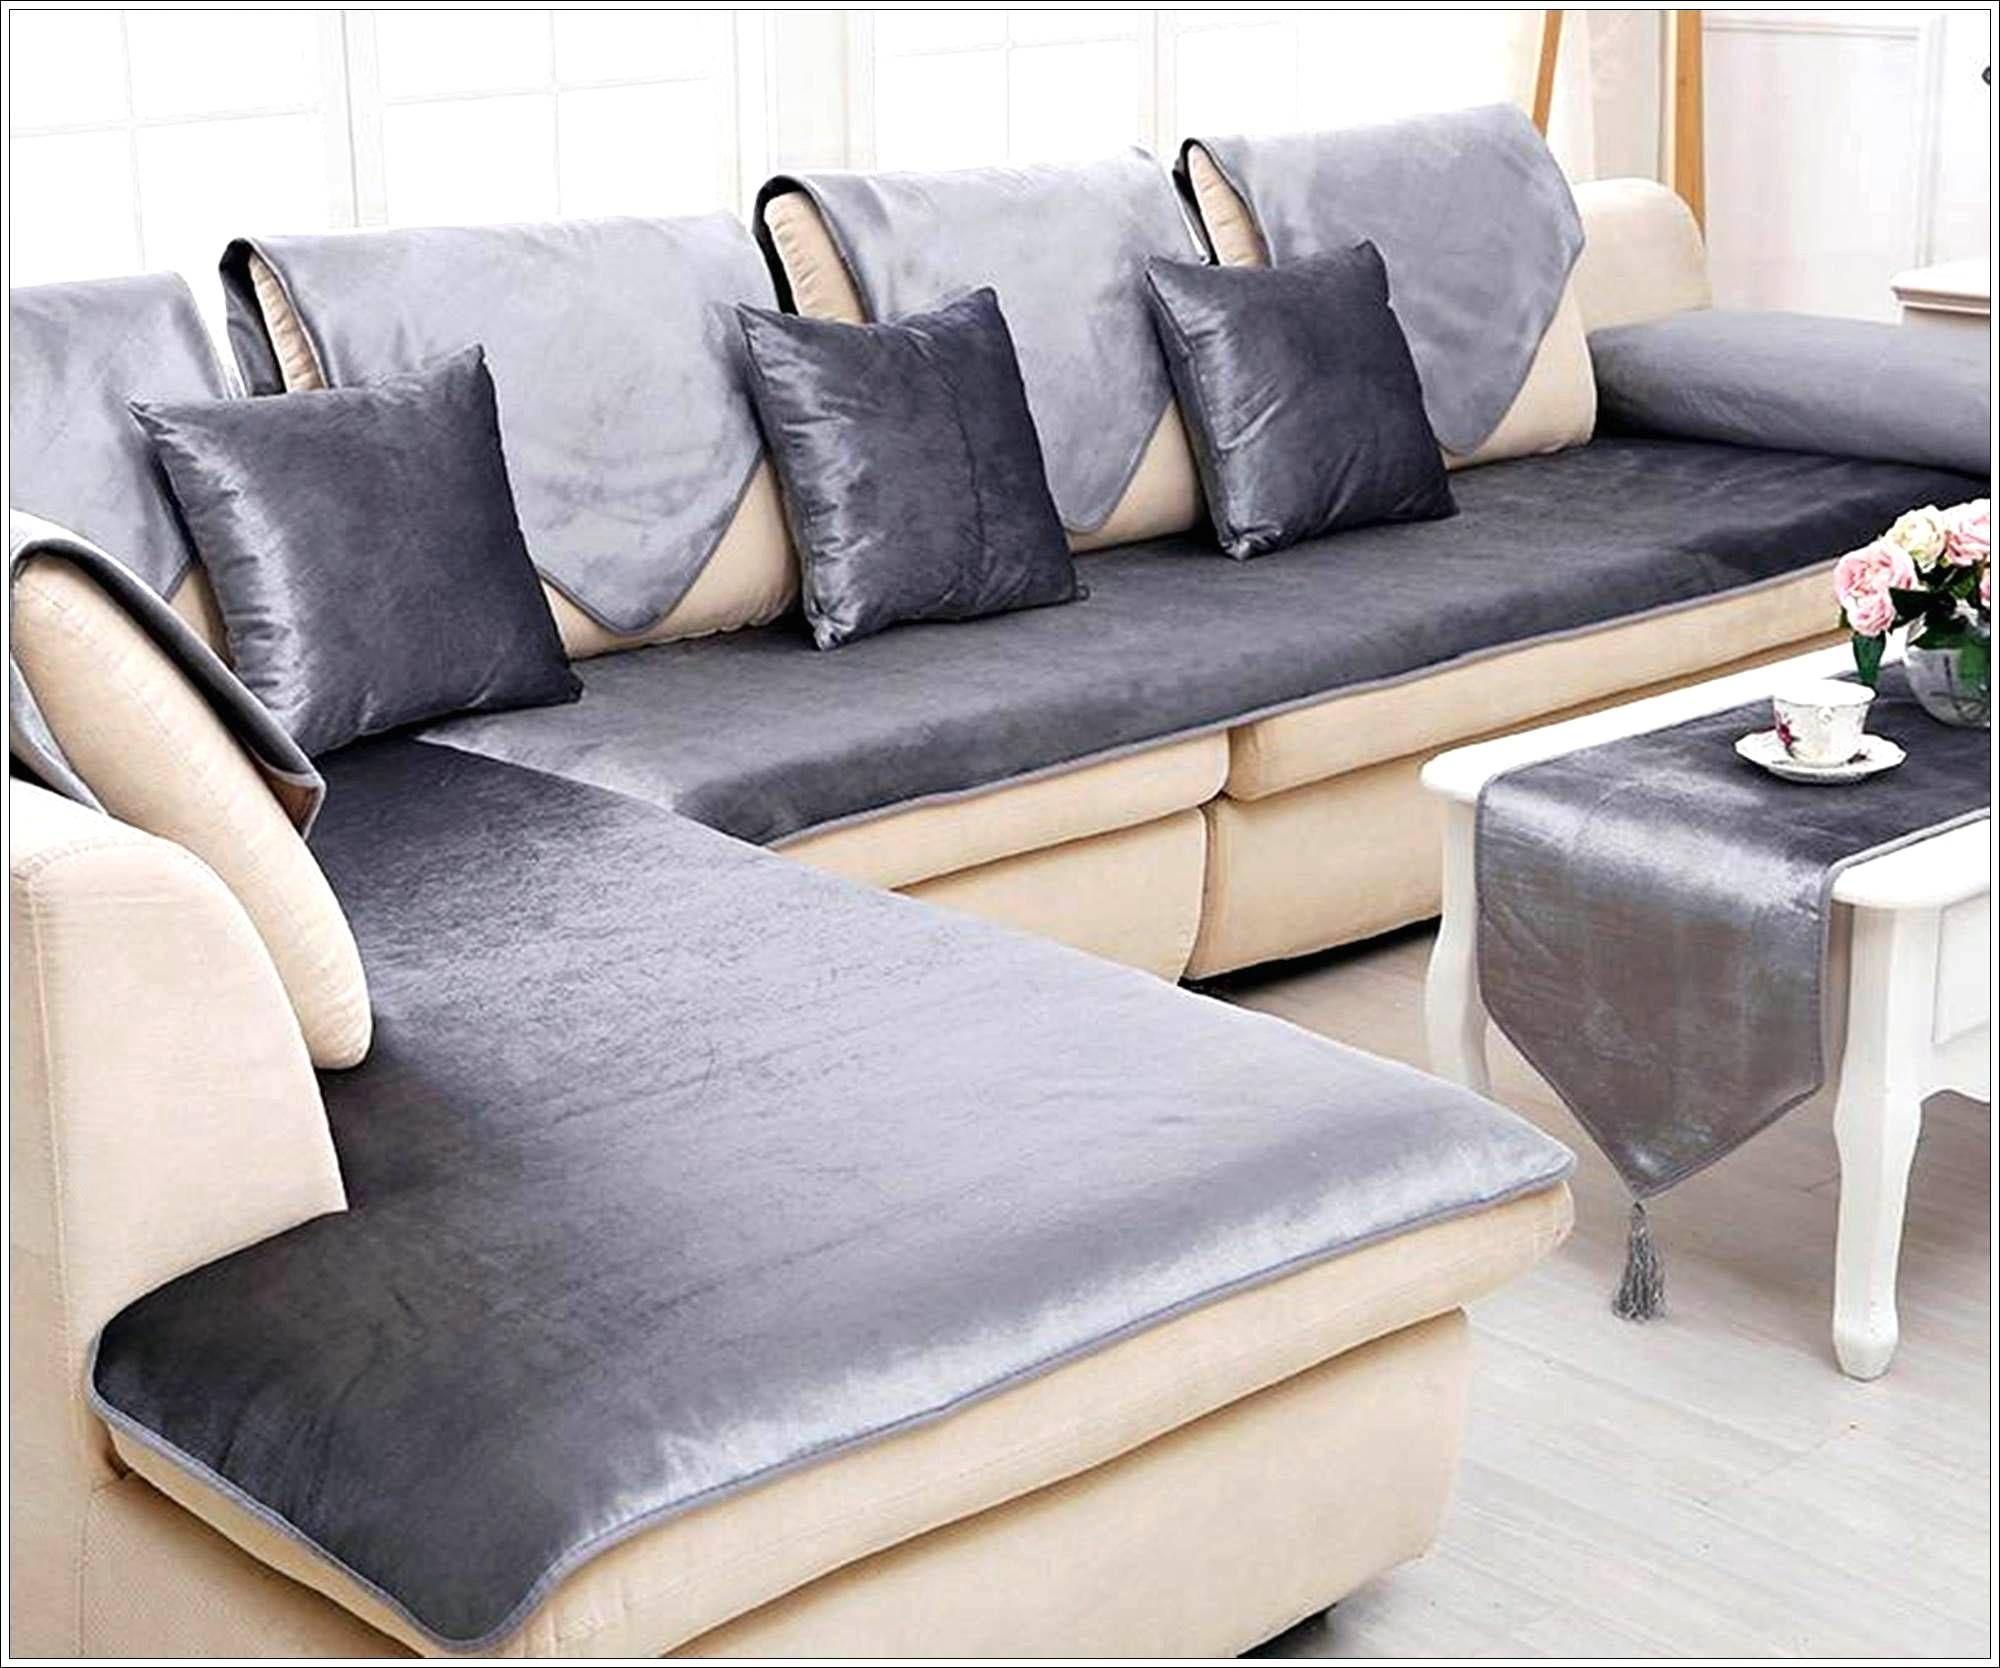 Recouvrir Un Canape Recouvrir Un Canape En Cuir Excellent 1188 Canapes Recouvrir Un Canape Canape Lit Detroit Puredeb En 2020 Recouvrir Un Canape Canape Angle Canape